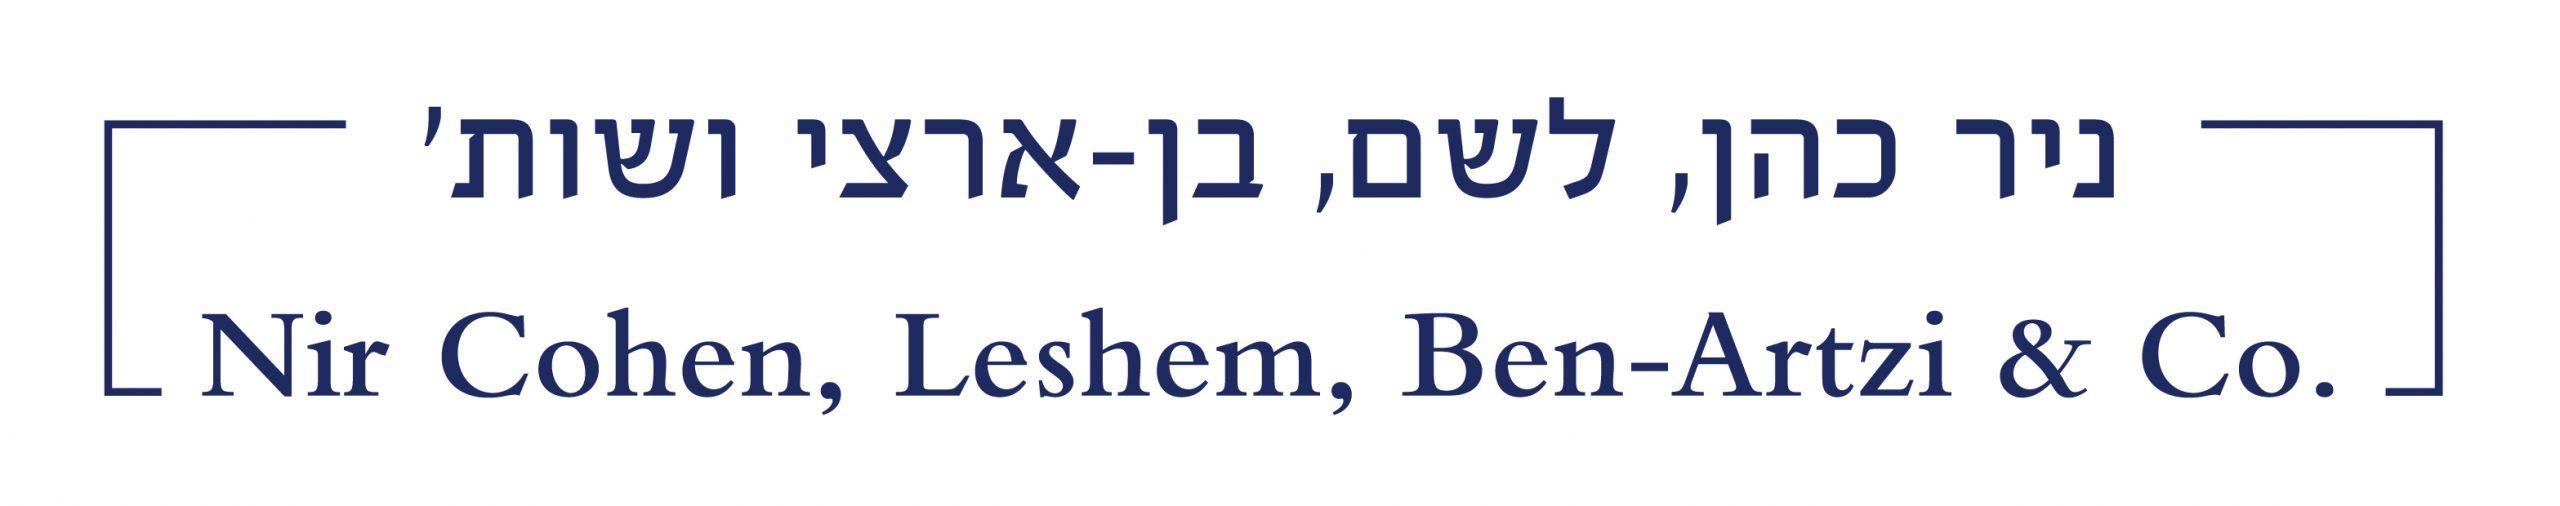 ניר כהן, לשם, בן-ארצי ושות'